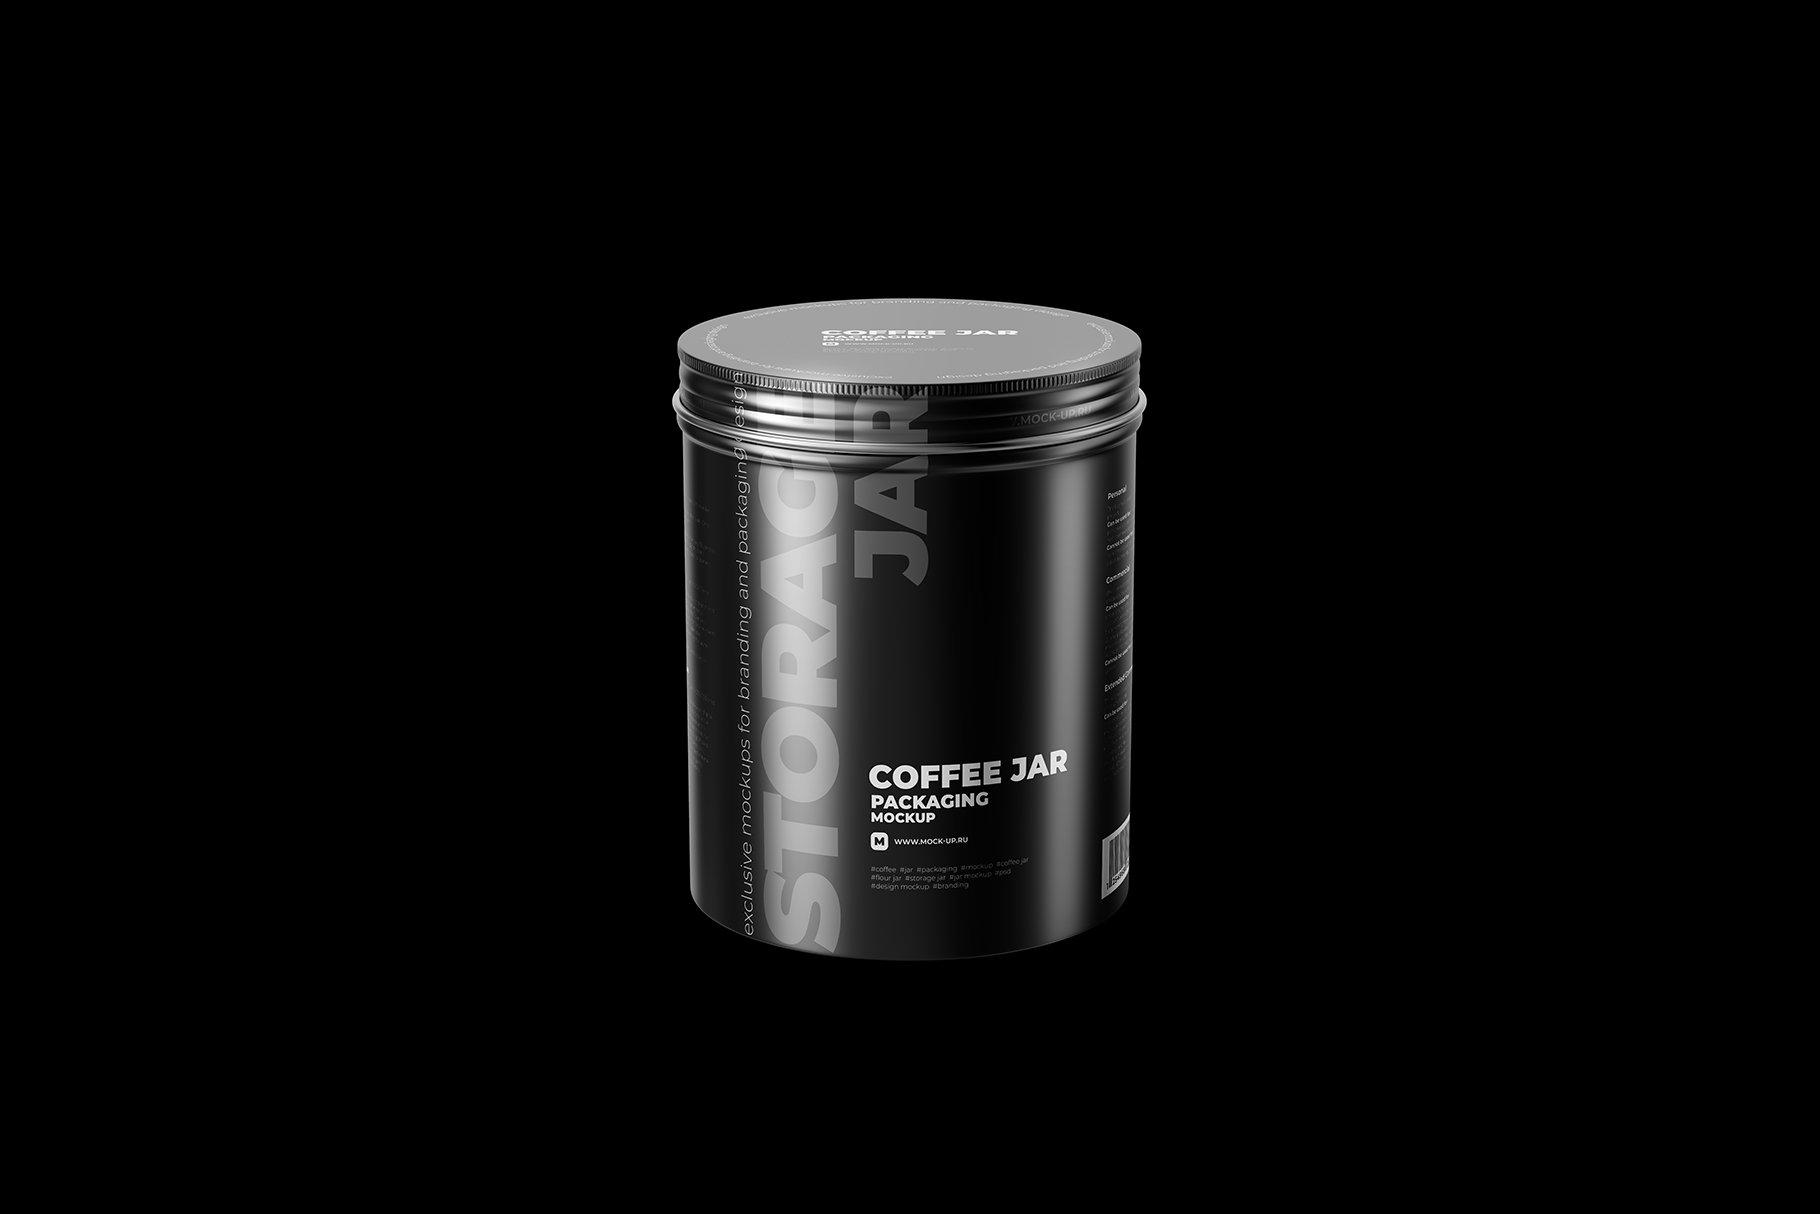 食品茶叶金属锡罐设计展示贴图样机模板 Metallic Storage Jar Angle View插图5